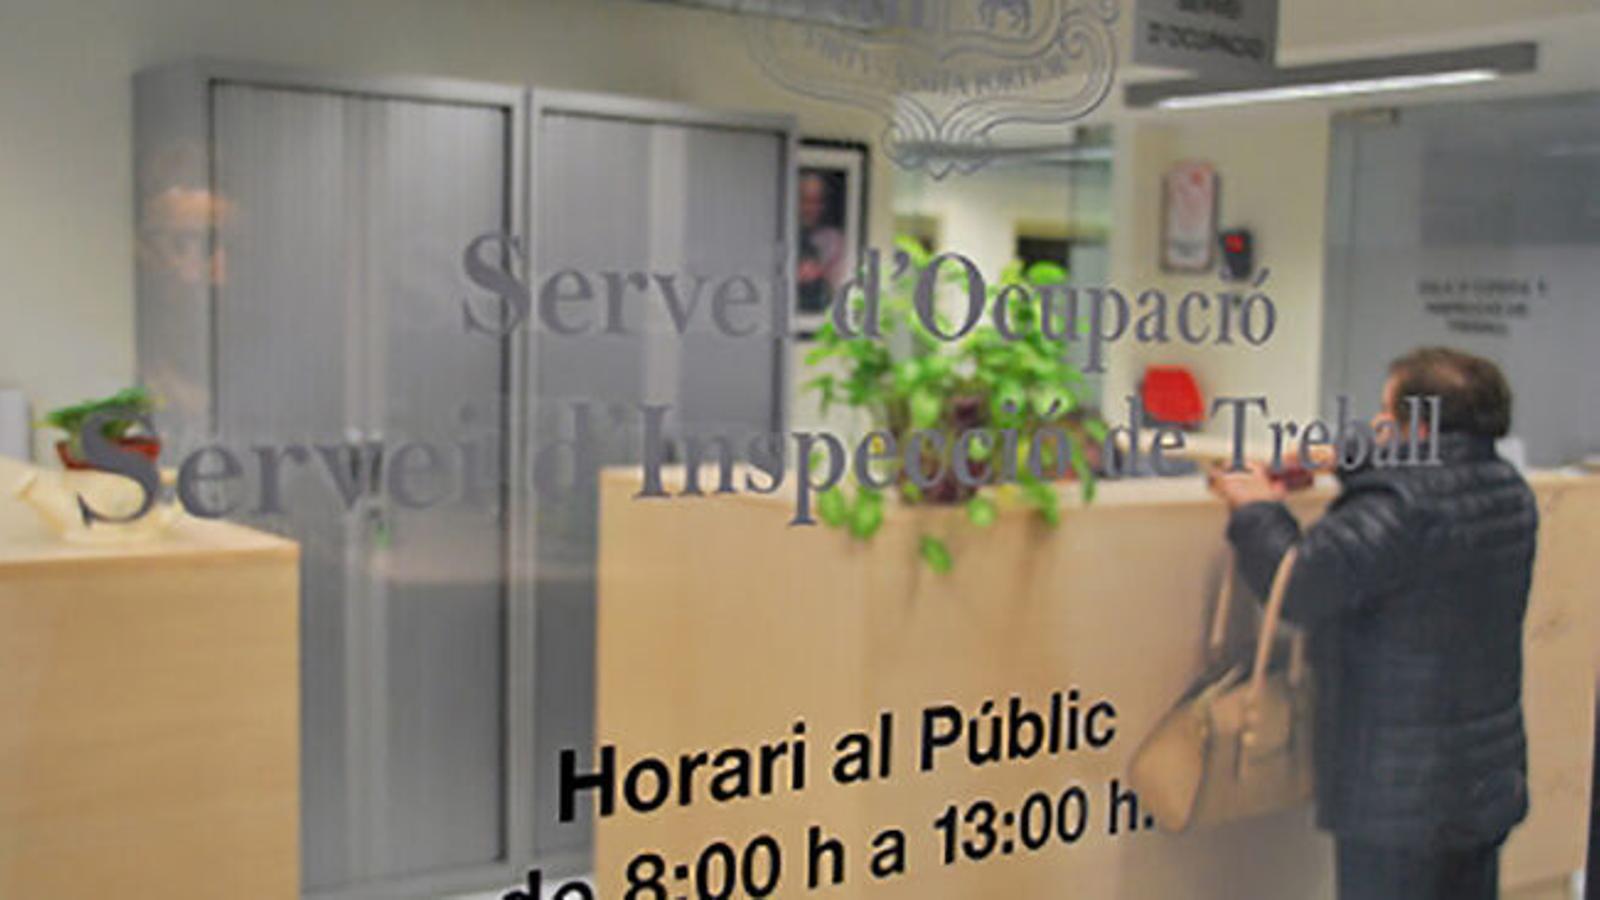 El Servei d'Ocupació. / ARXIU ANA